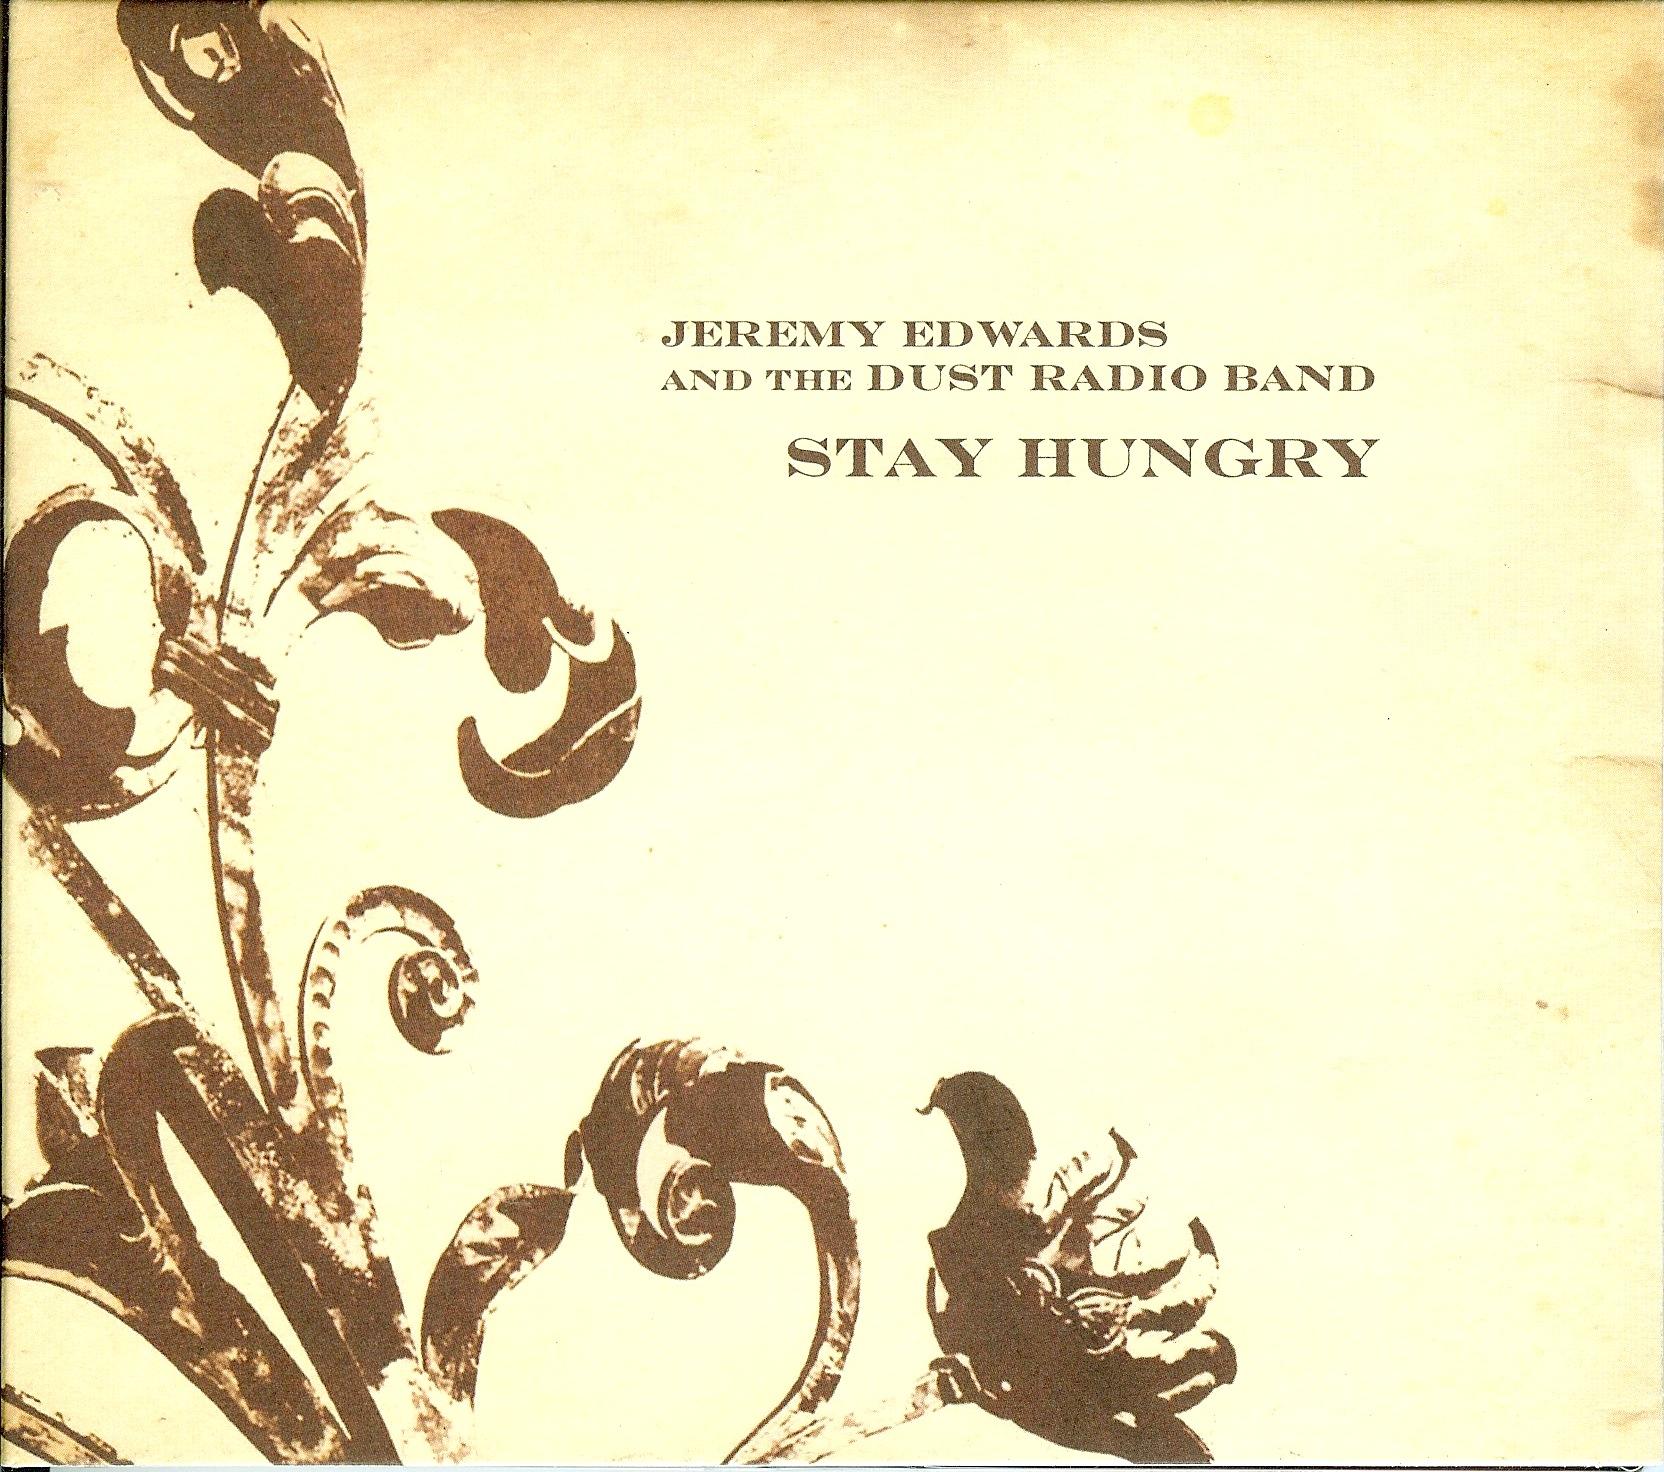 JeremyEdwards&TheDustRadioBand_StayHungry.jpeg